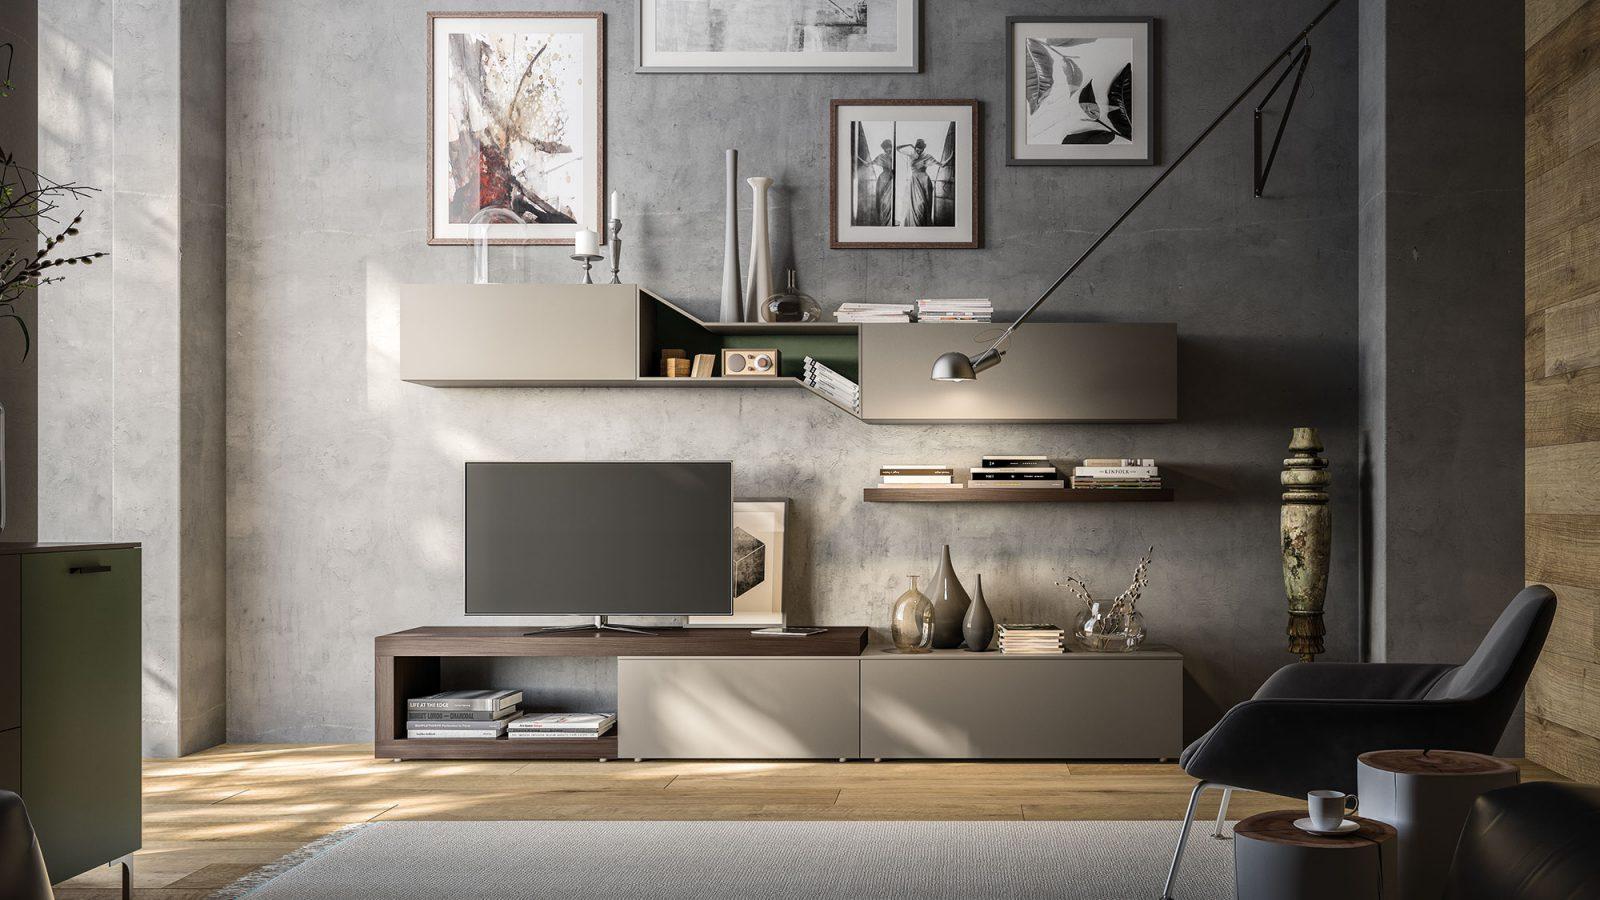 Forum finalmente casa for Arredamento moderno elegante